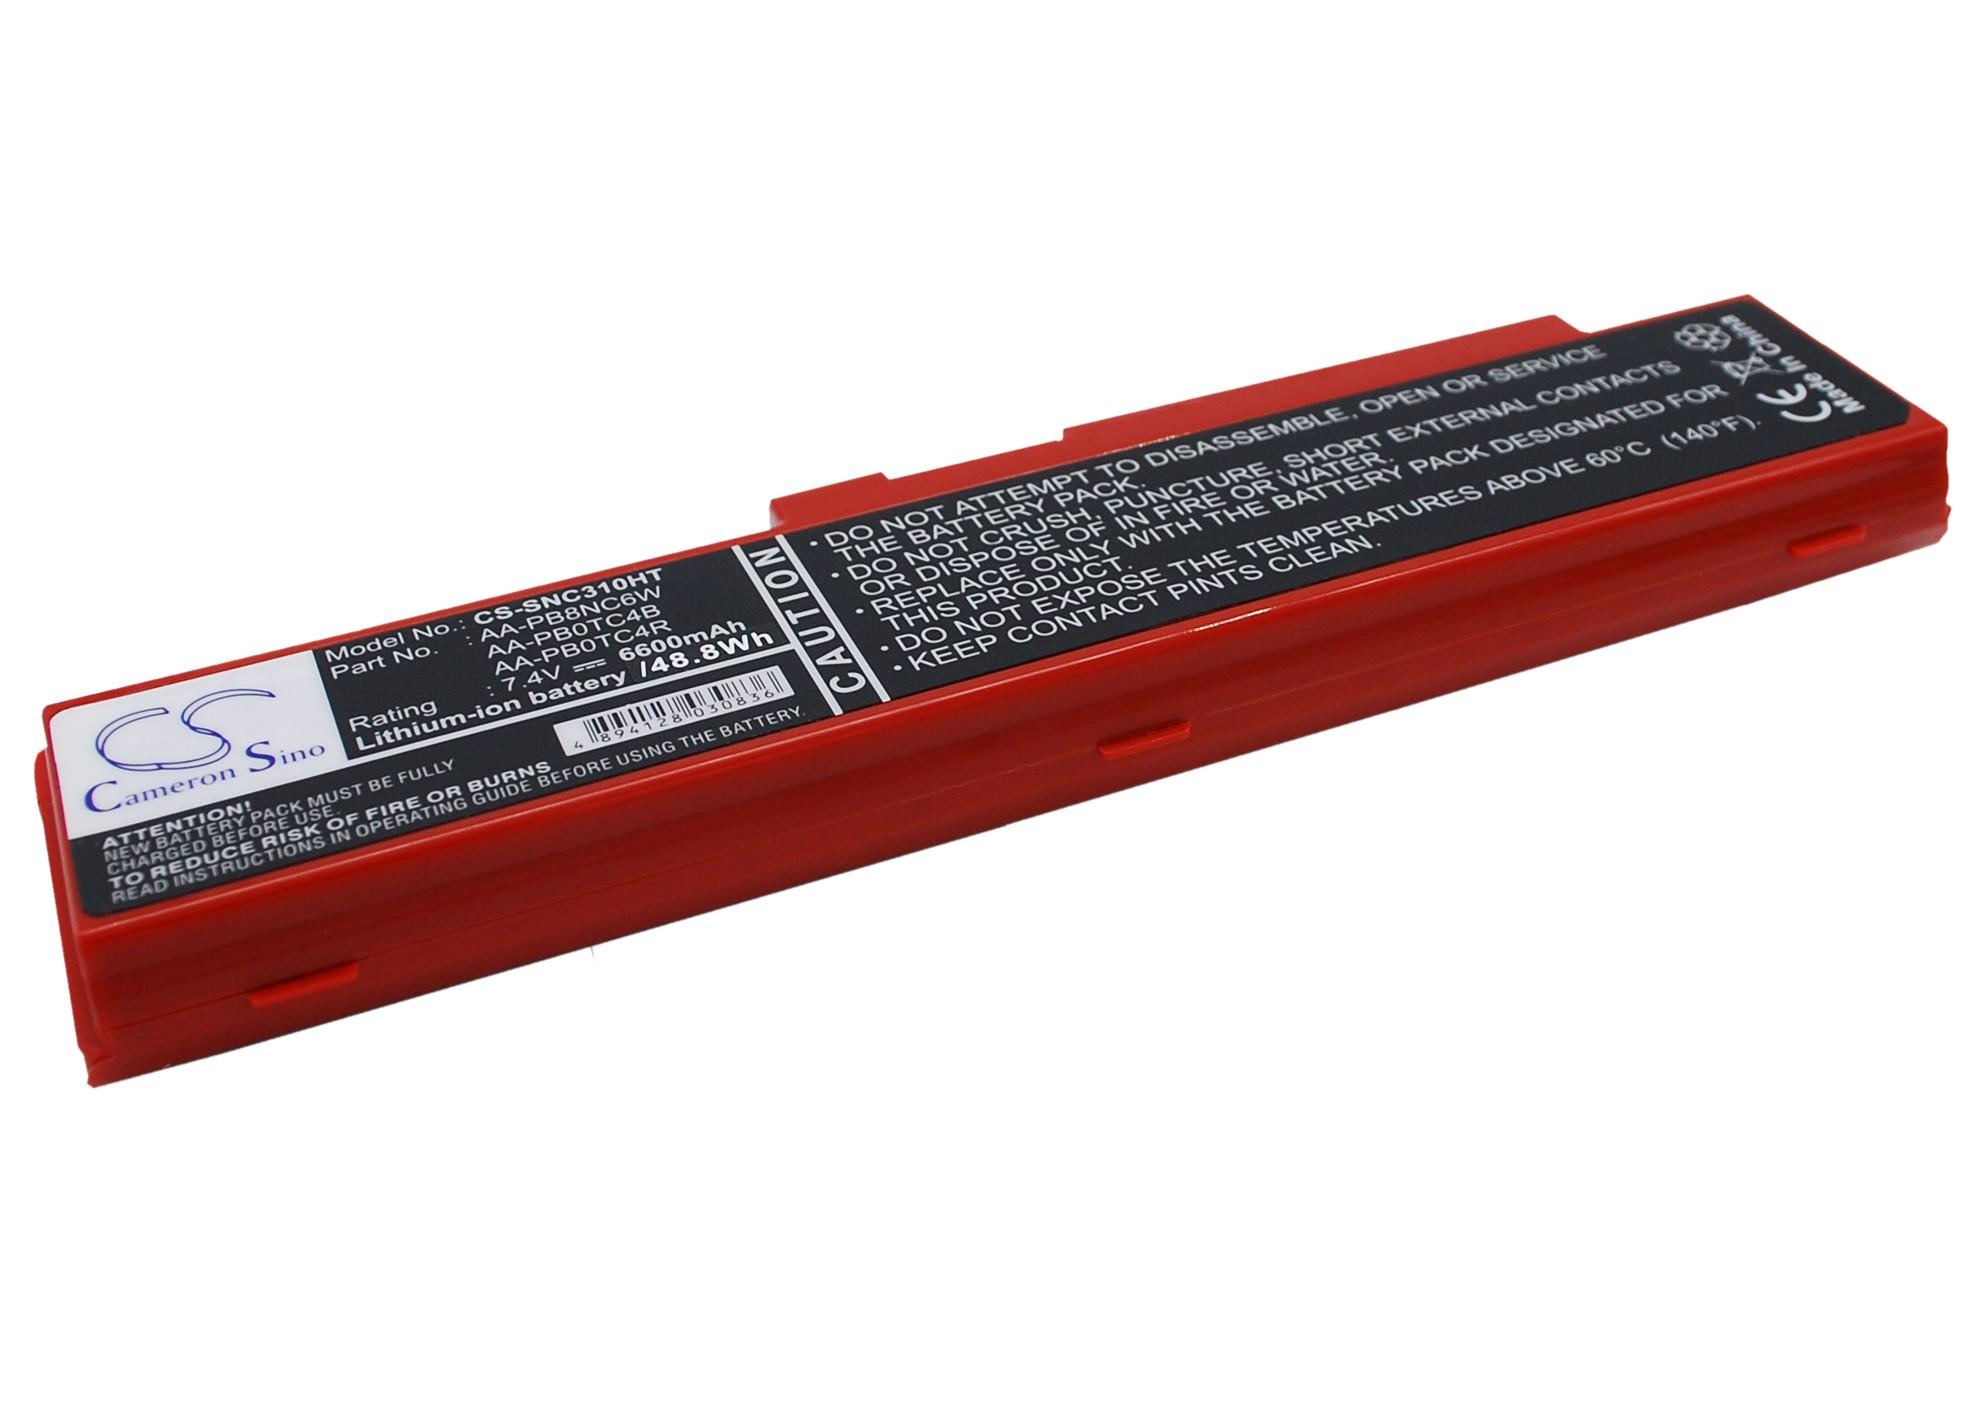 Cameron Sino baterie do netbooků pro SAMSUNG NP-X120-FA01 7.4V Li-ion 6600mAh červená - neoriginální